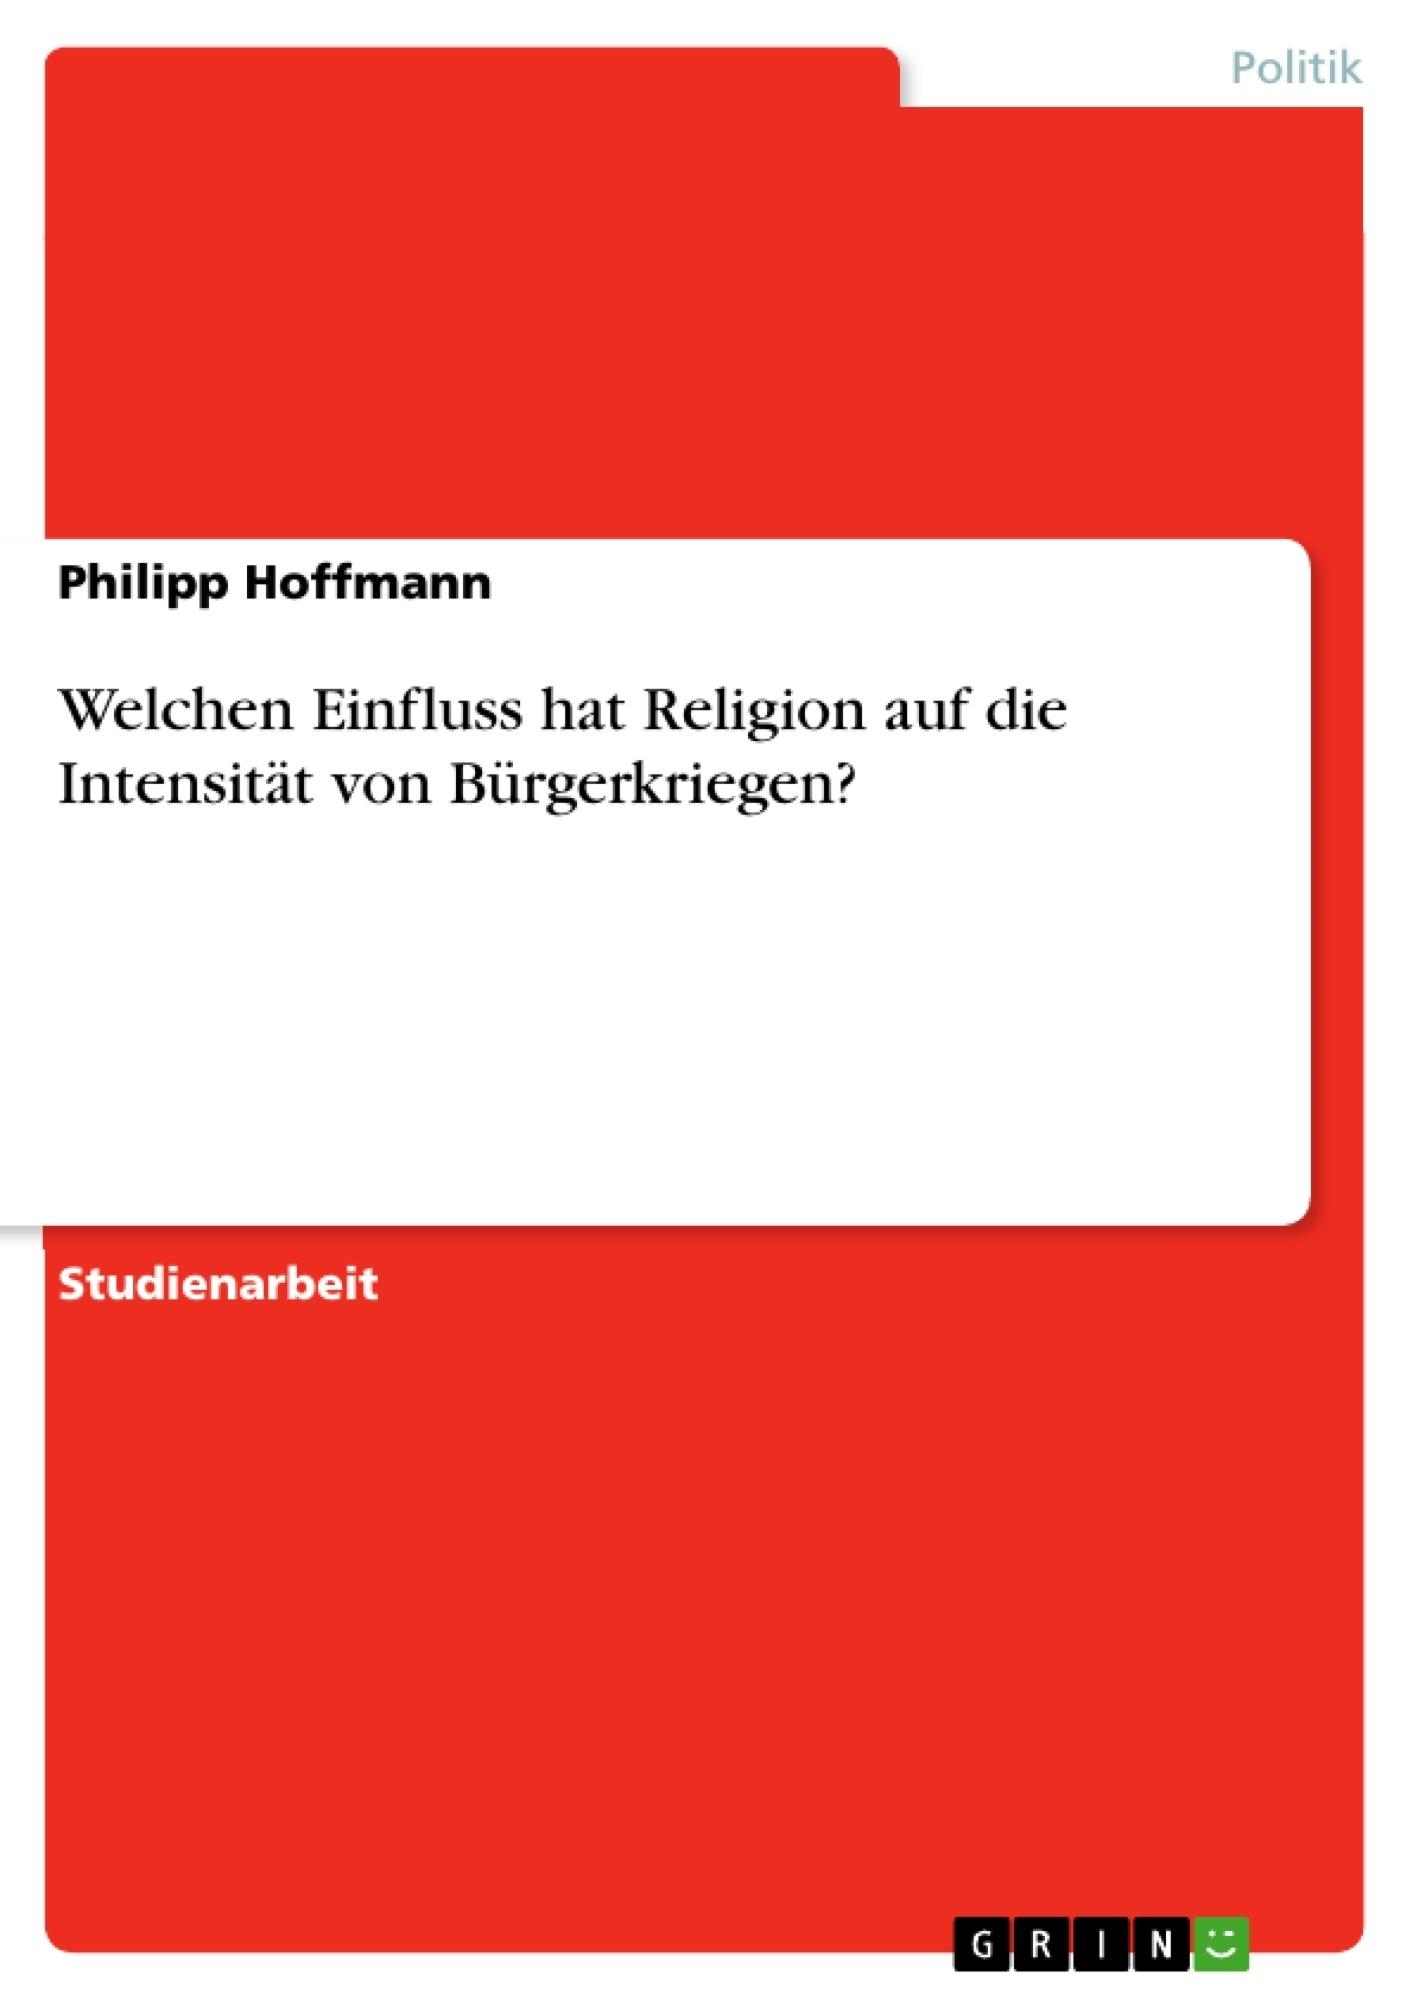 Titel: Welchen Einfluss hat Religion auf die Intensität von Bürgerkriegen?